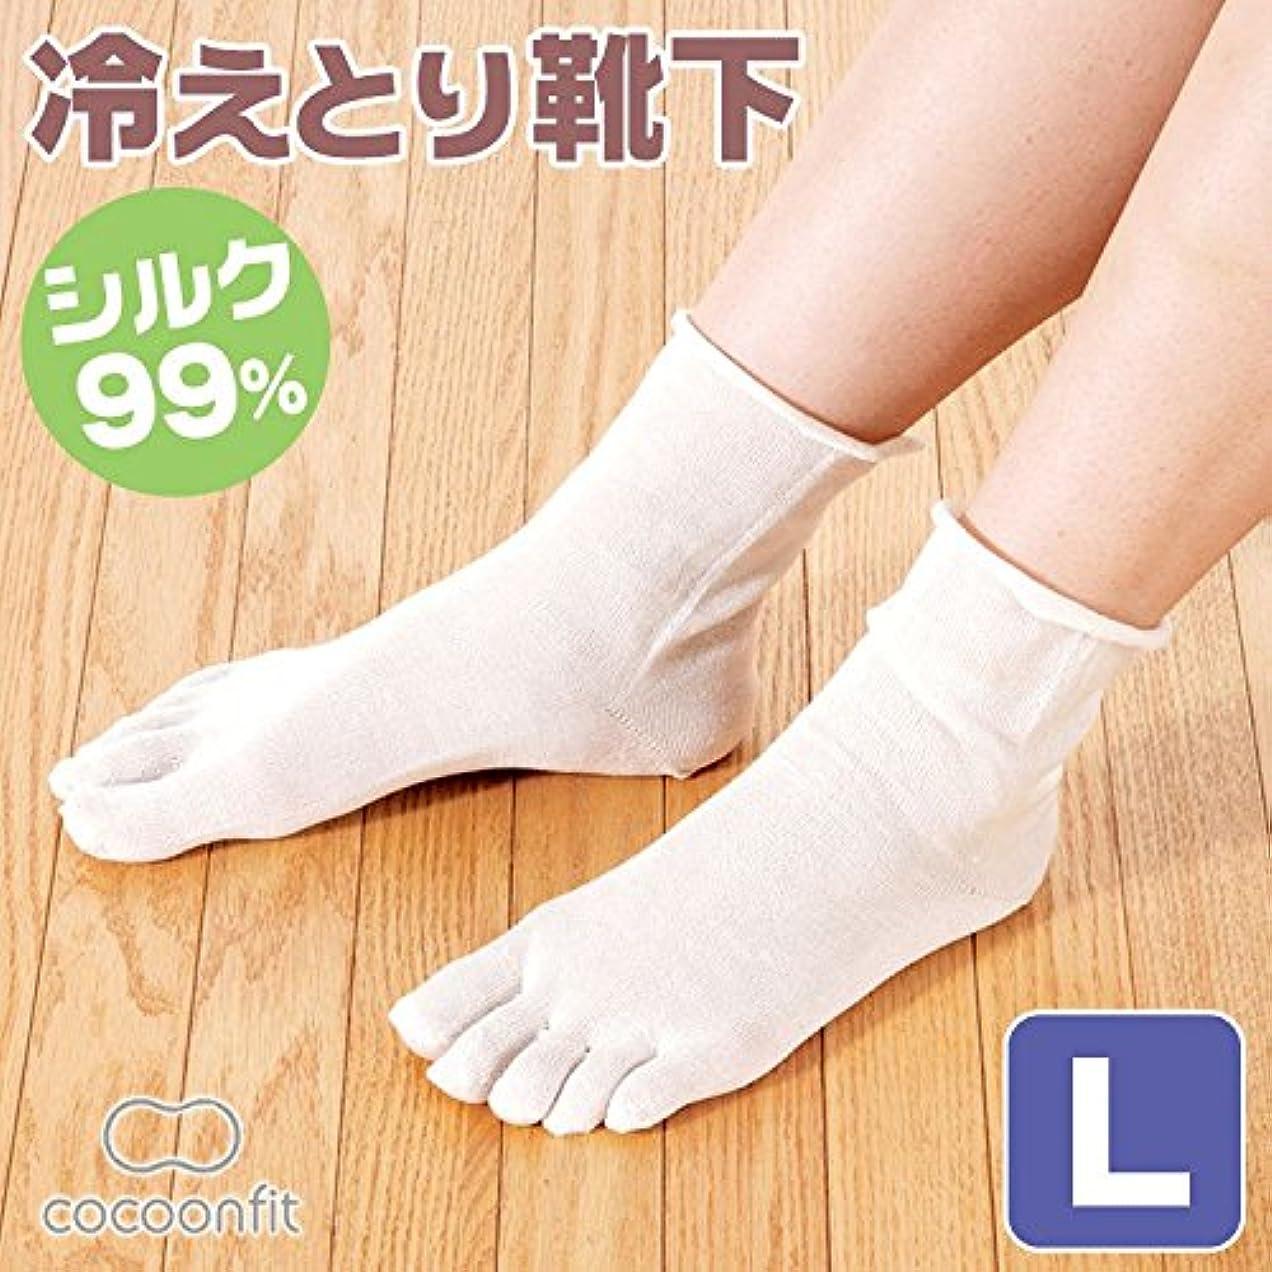 賞石化する倒産冷え取り靴下 5本指ソックス シルク[Lサイズ:25~27cm] ※重ね履き靴下の1枚目のみ cocoonfit